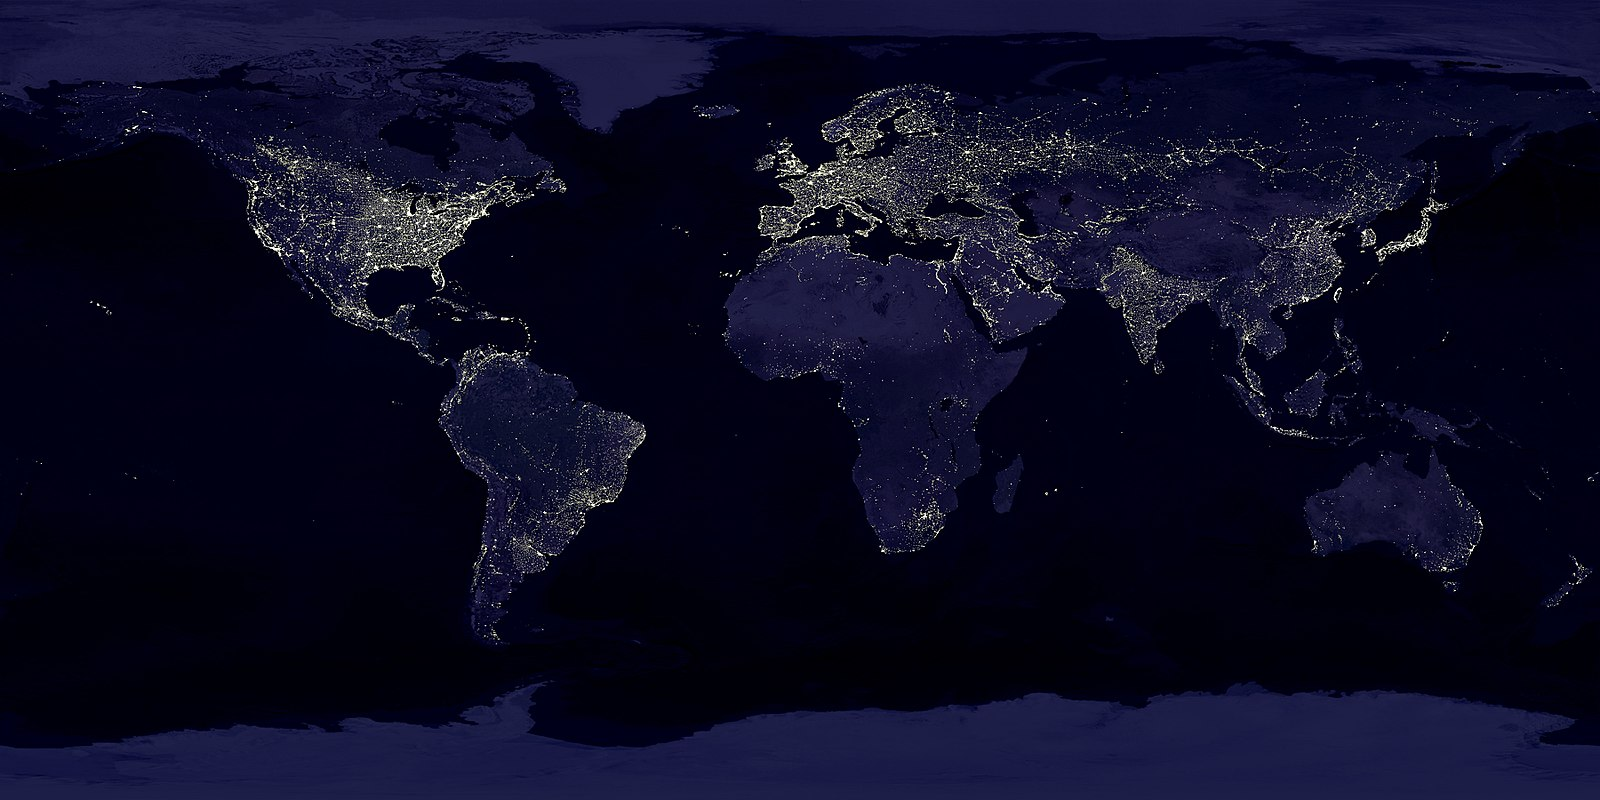 карта мир Австралия map world Australia  № 3018764 бесплатно